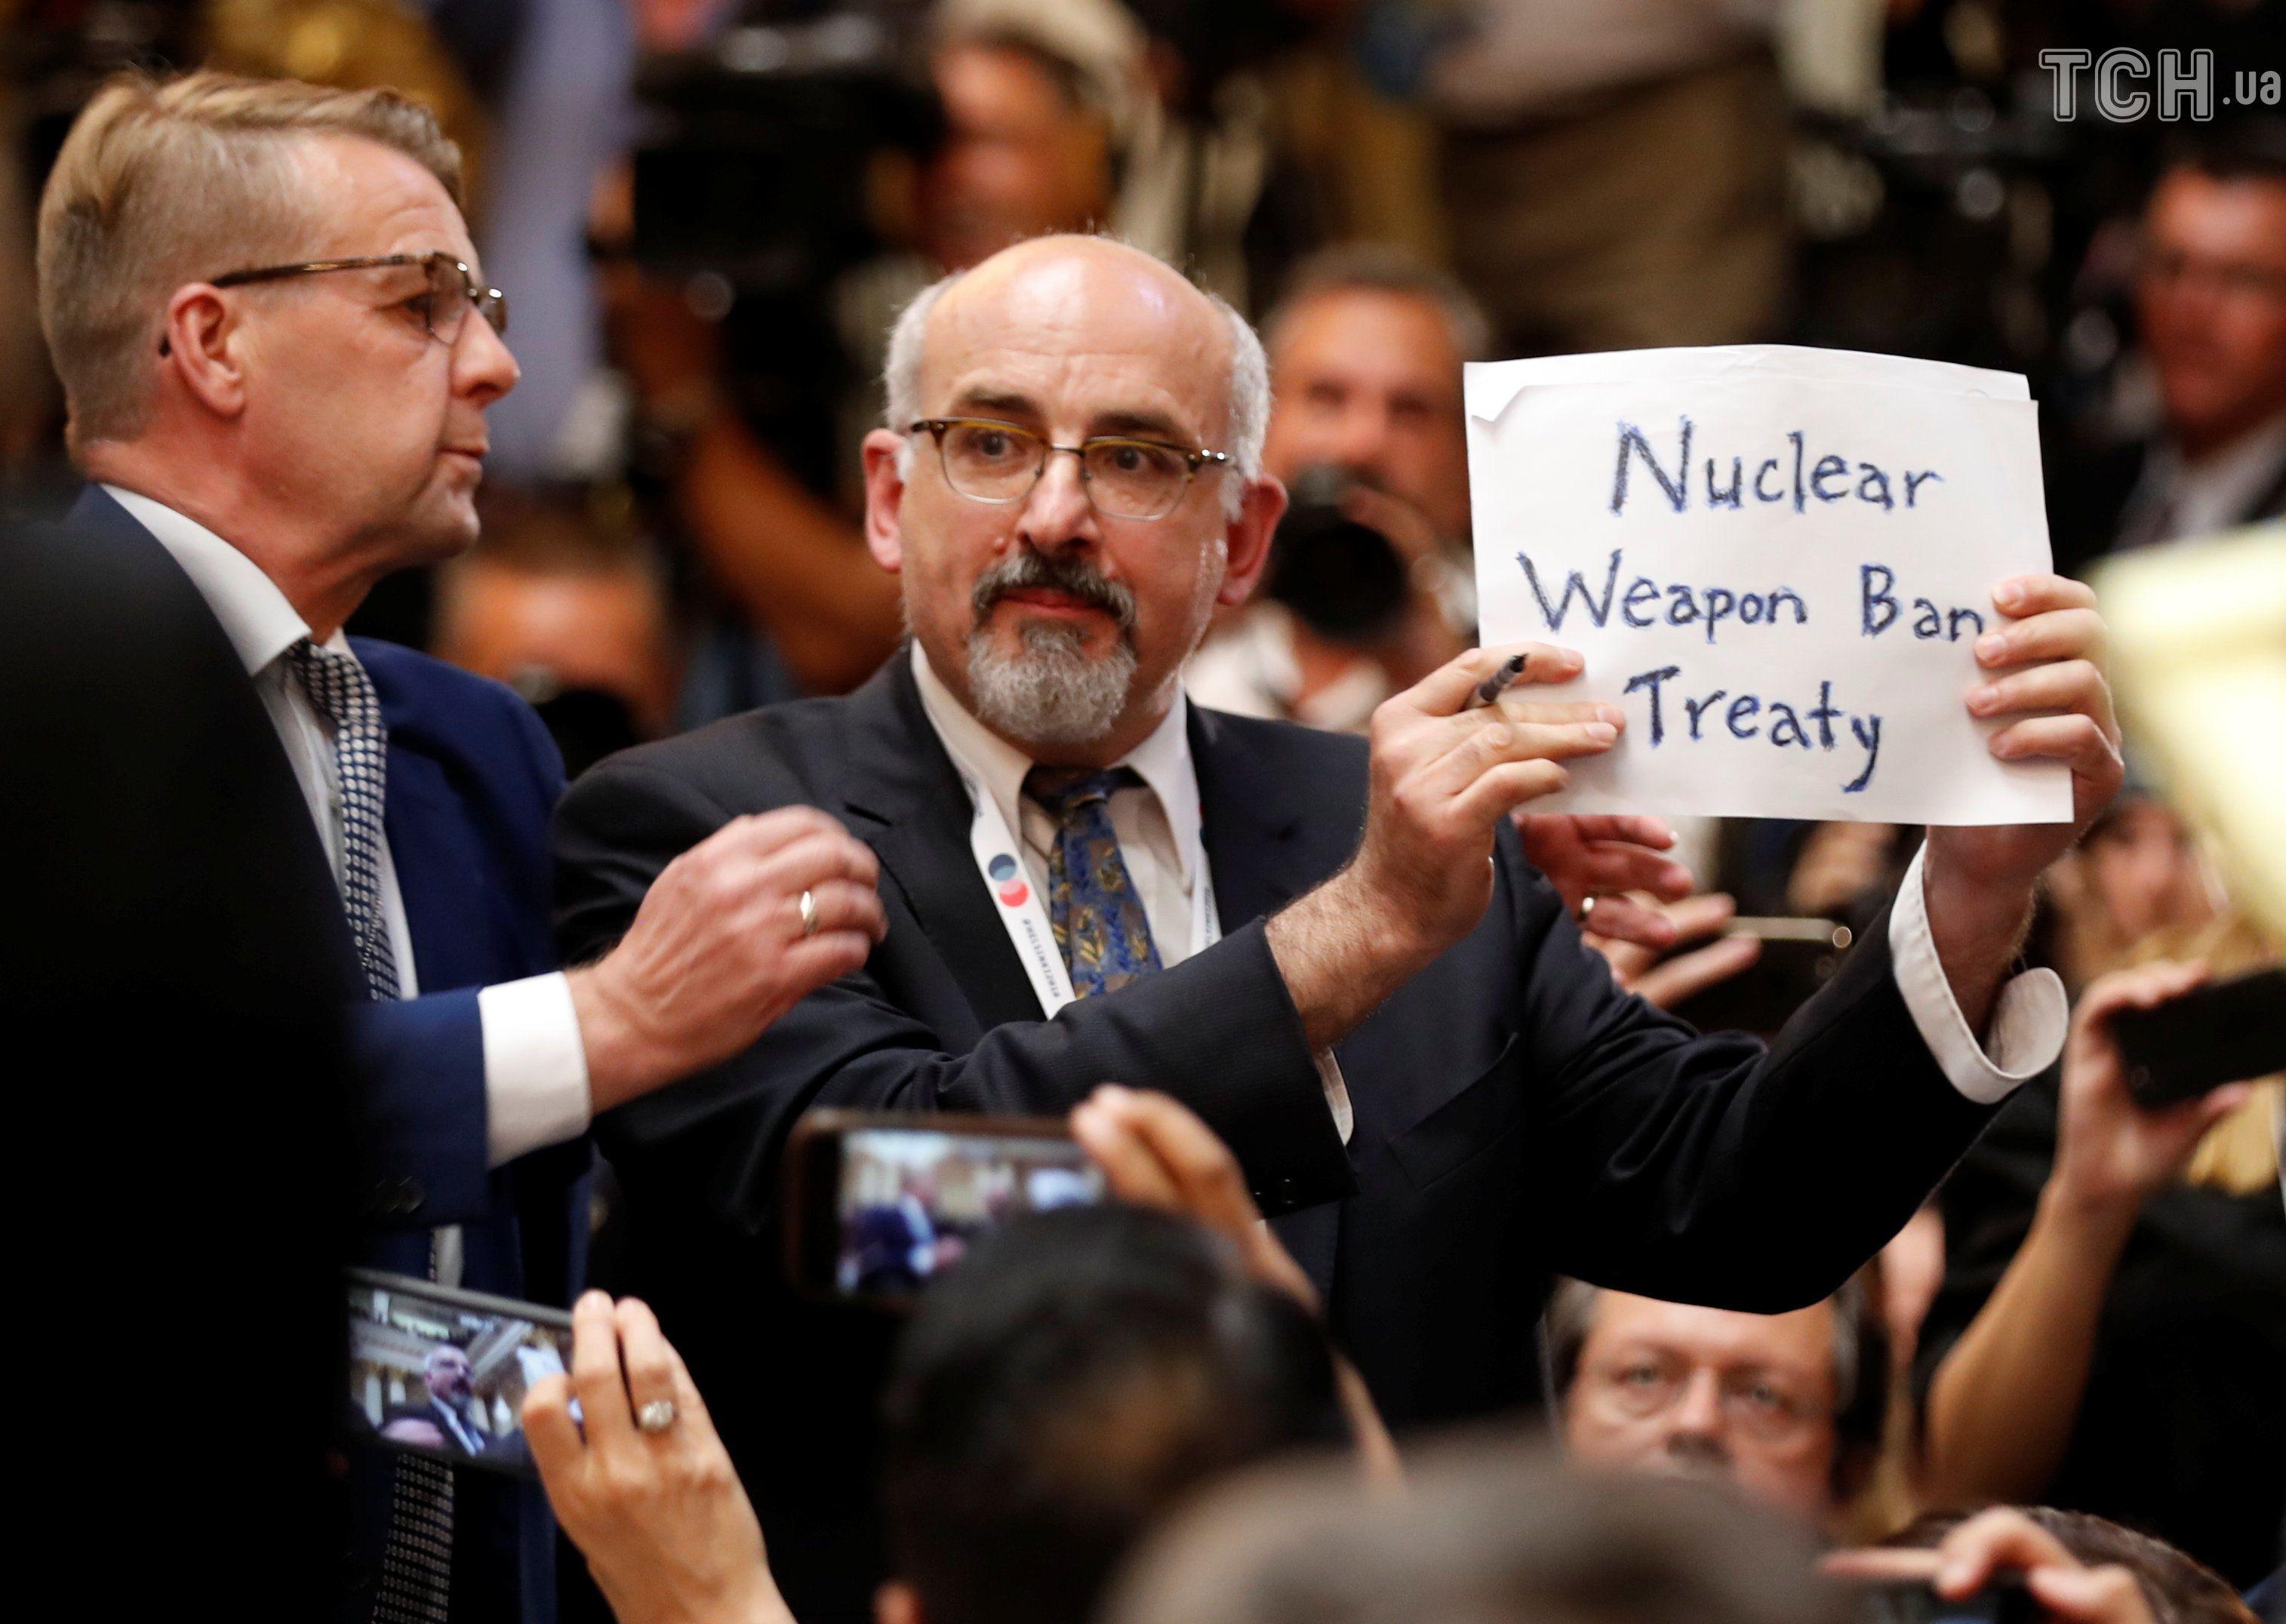 З прес-конферерція Трампа-Путіна вивели активіста з плакатом_8